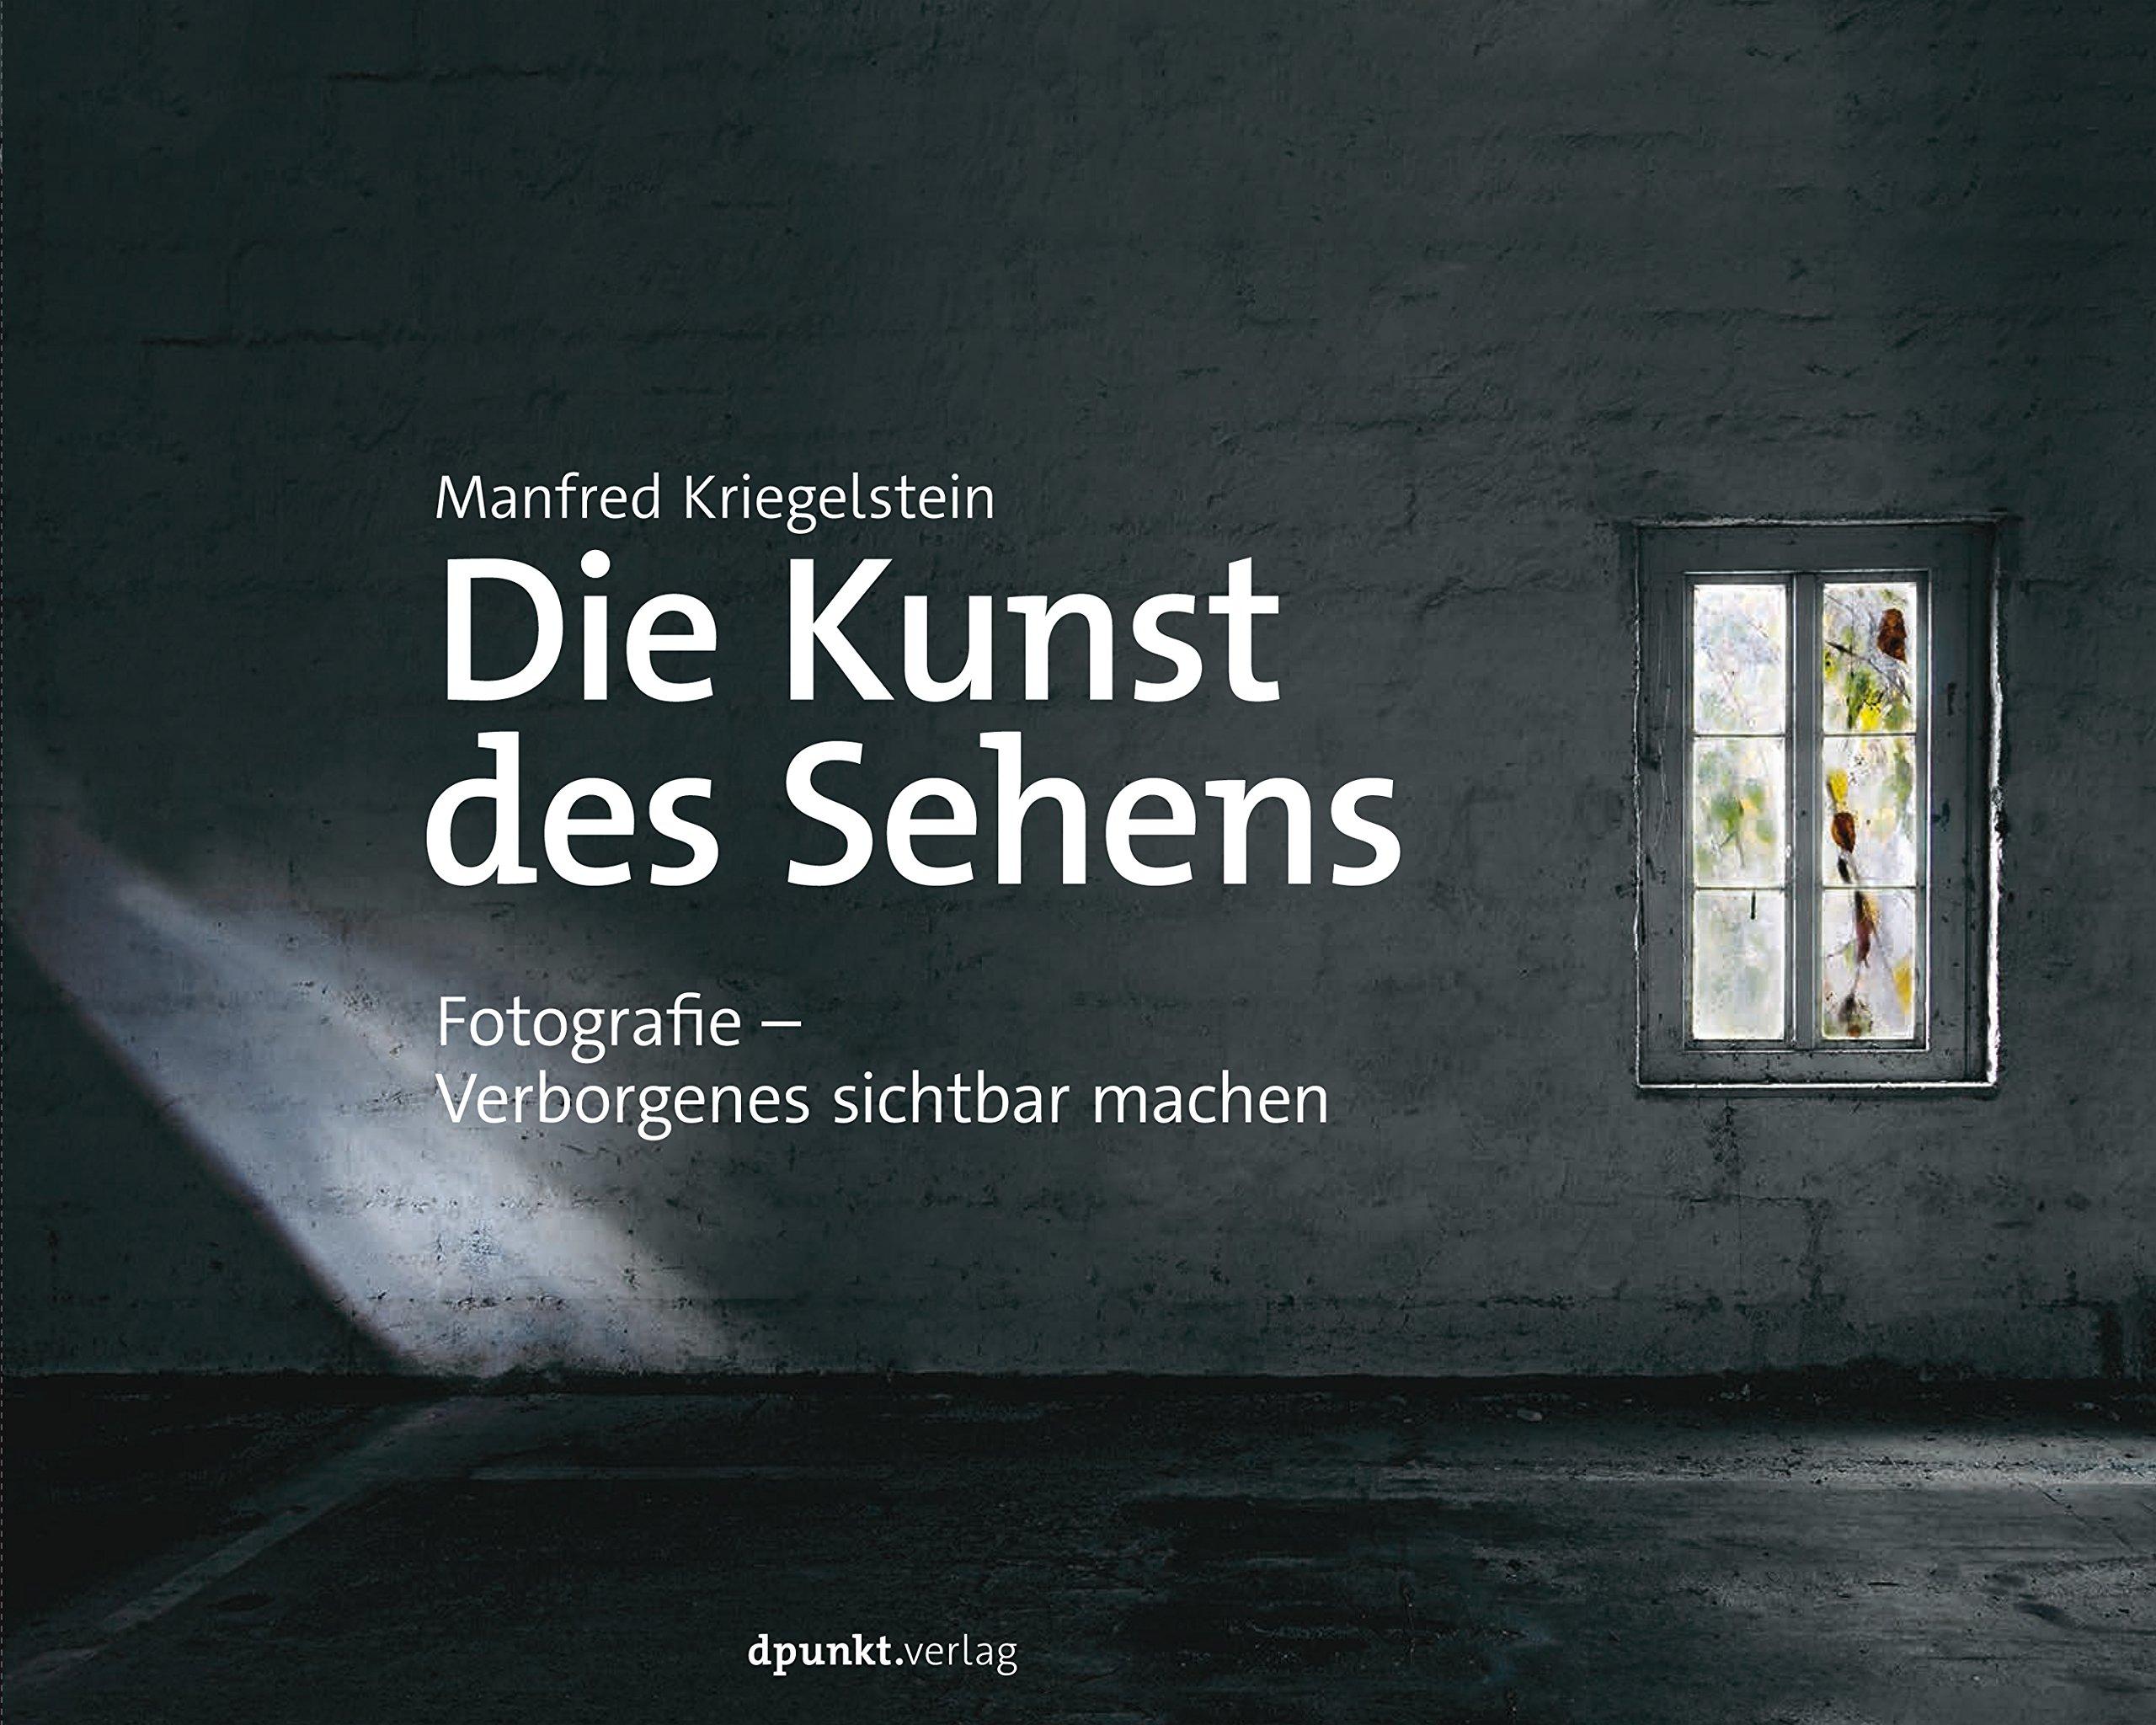 Die Kunst des Sehens: Fotografie - Verborgenes sichtbar machen